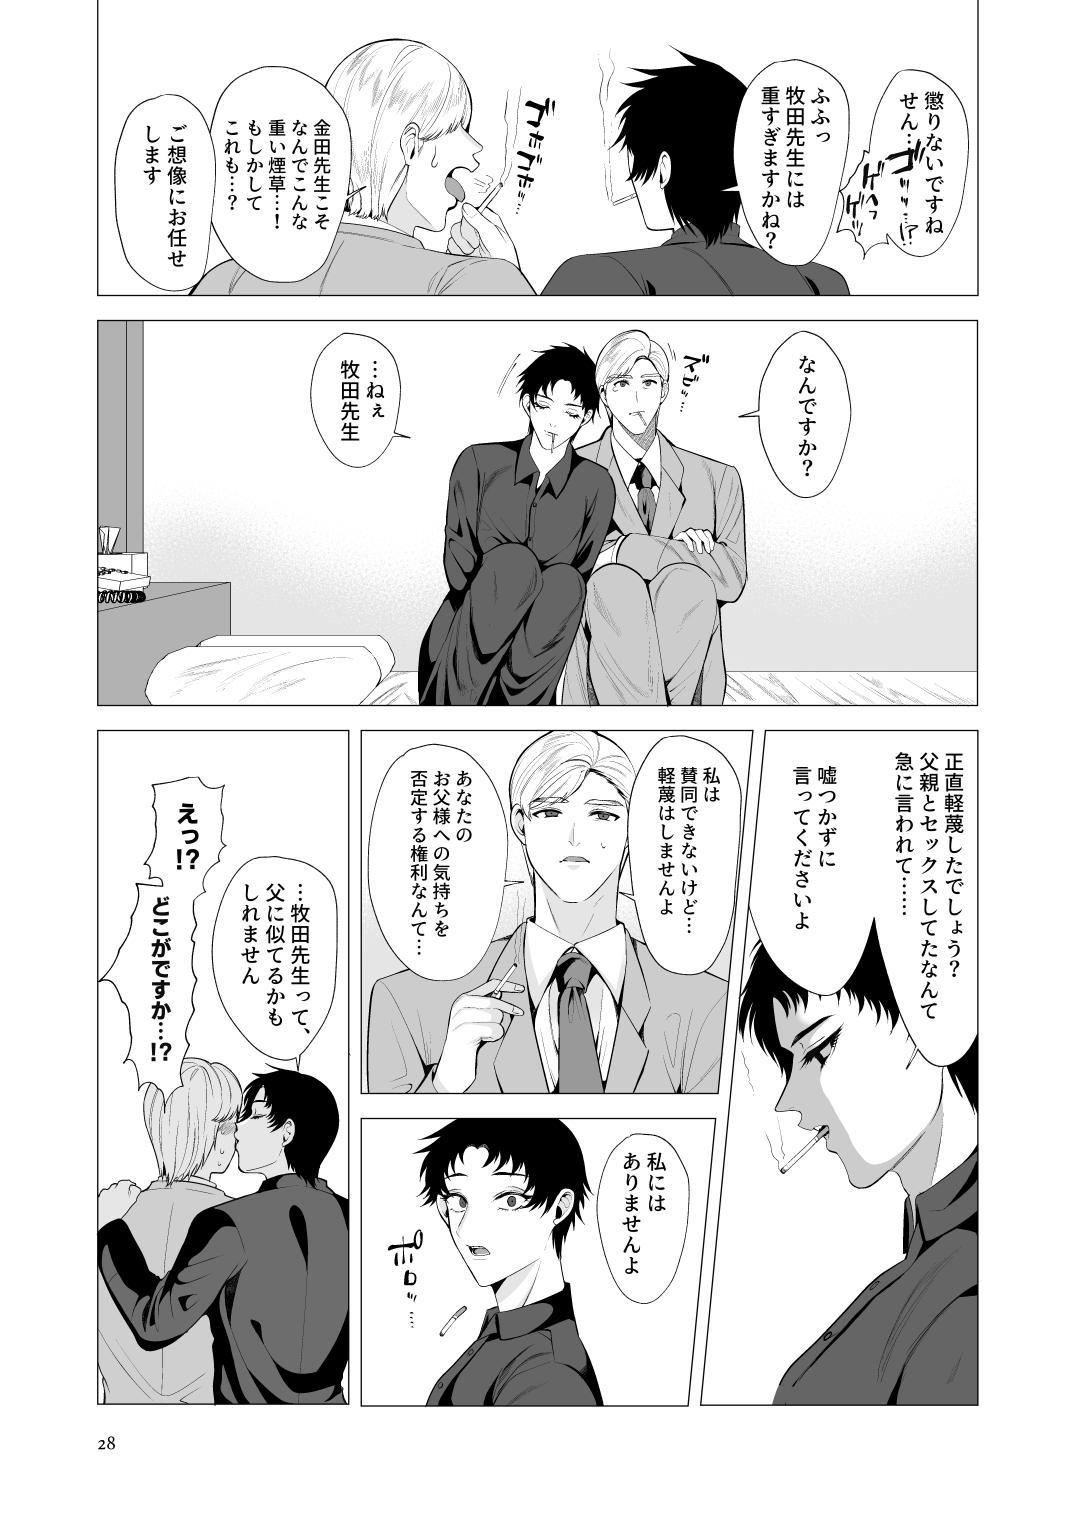 Kyozou no Sugata wa Chichi ni Nite iru 26